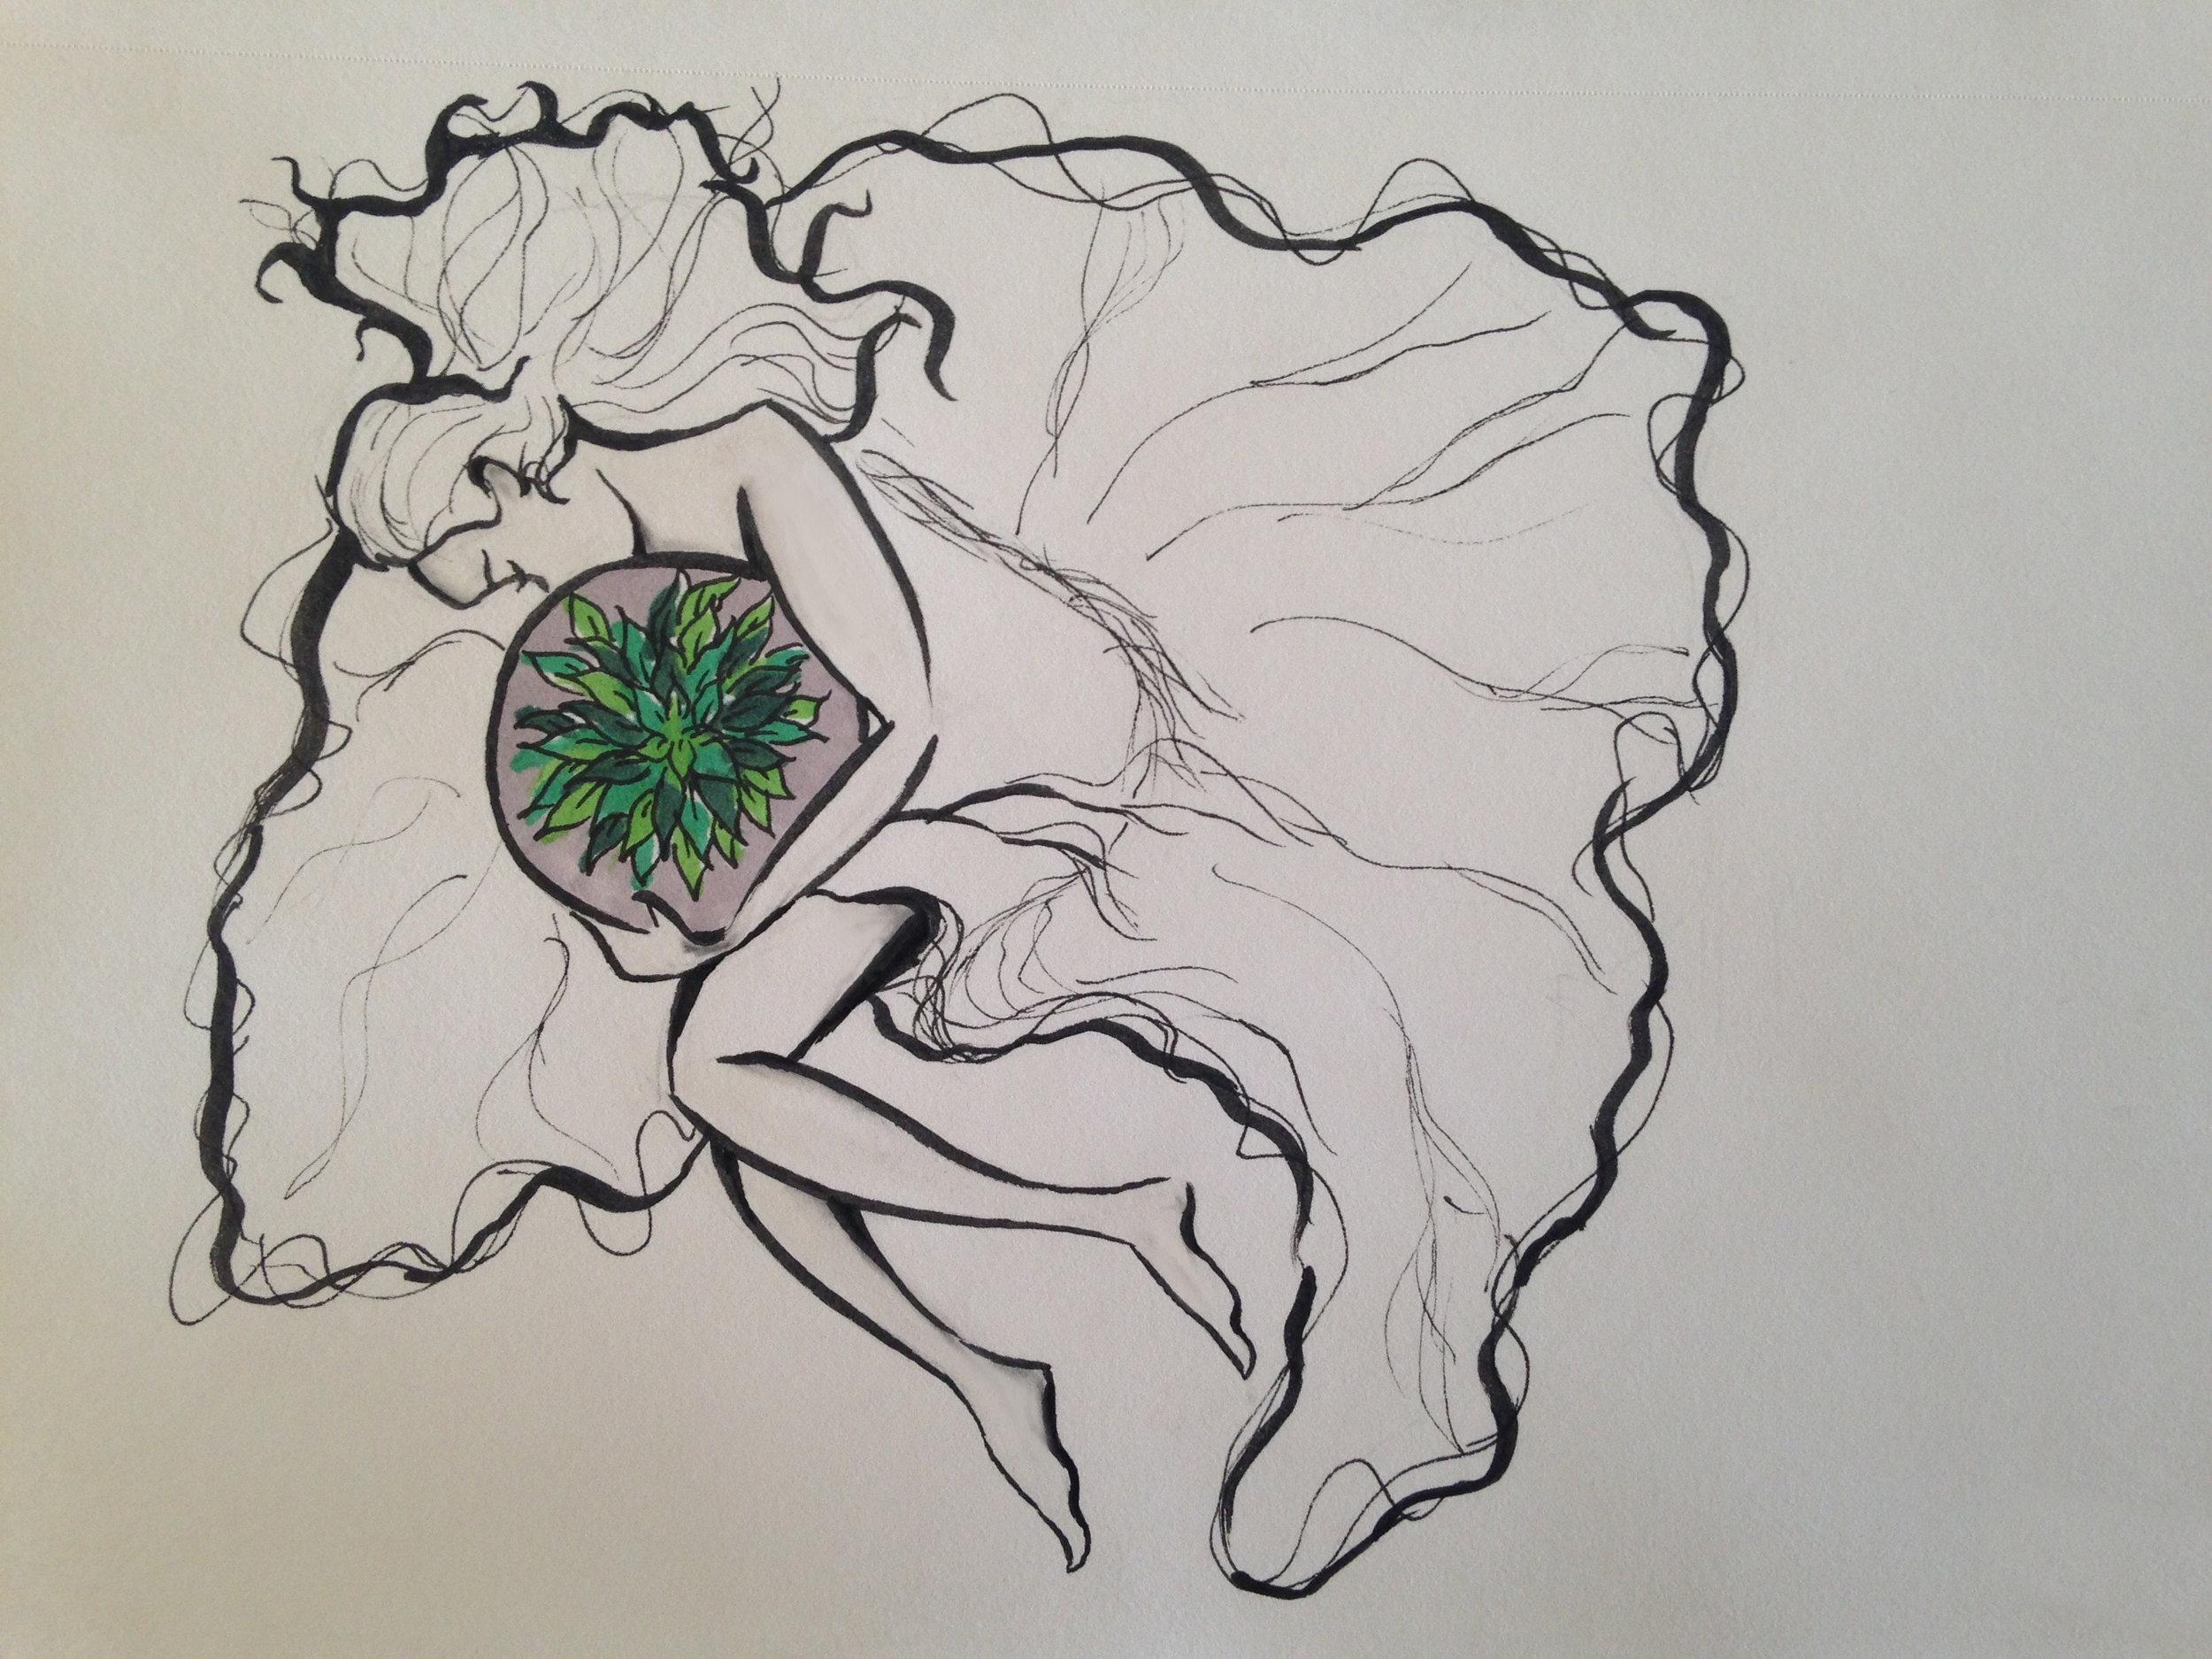 Marker on 5.5x8.5 sketchbook paper